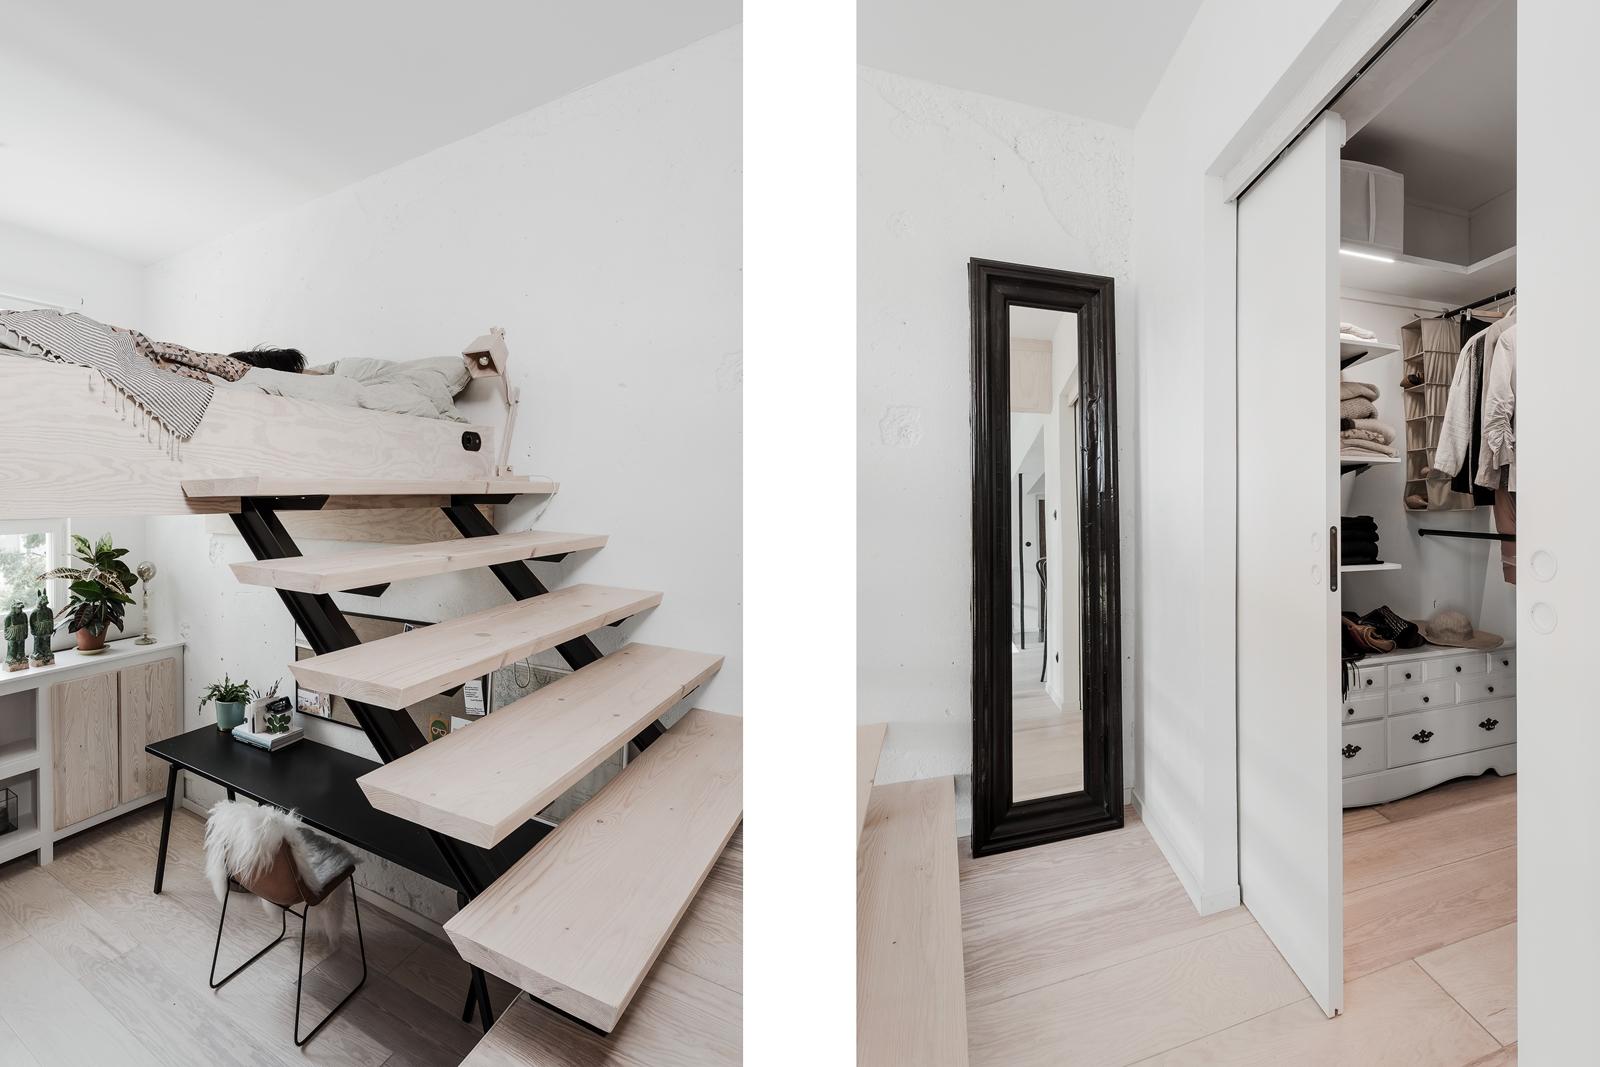 лестница антресоли кровать раздвижная дверь гардеробная